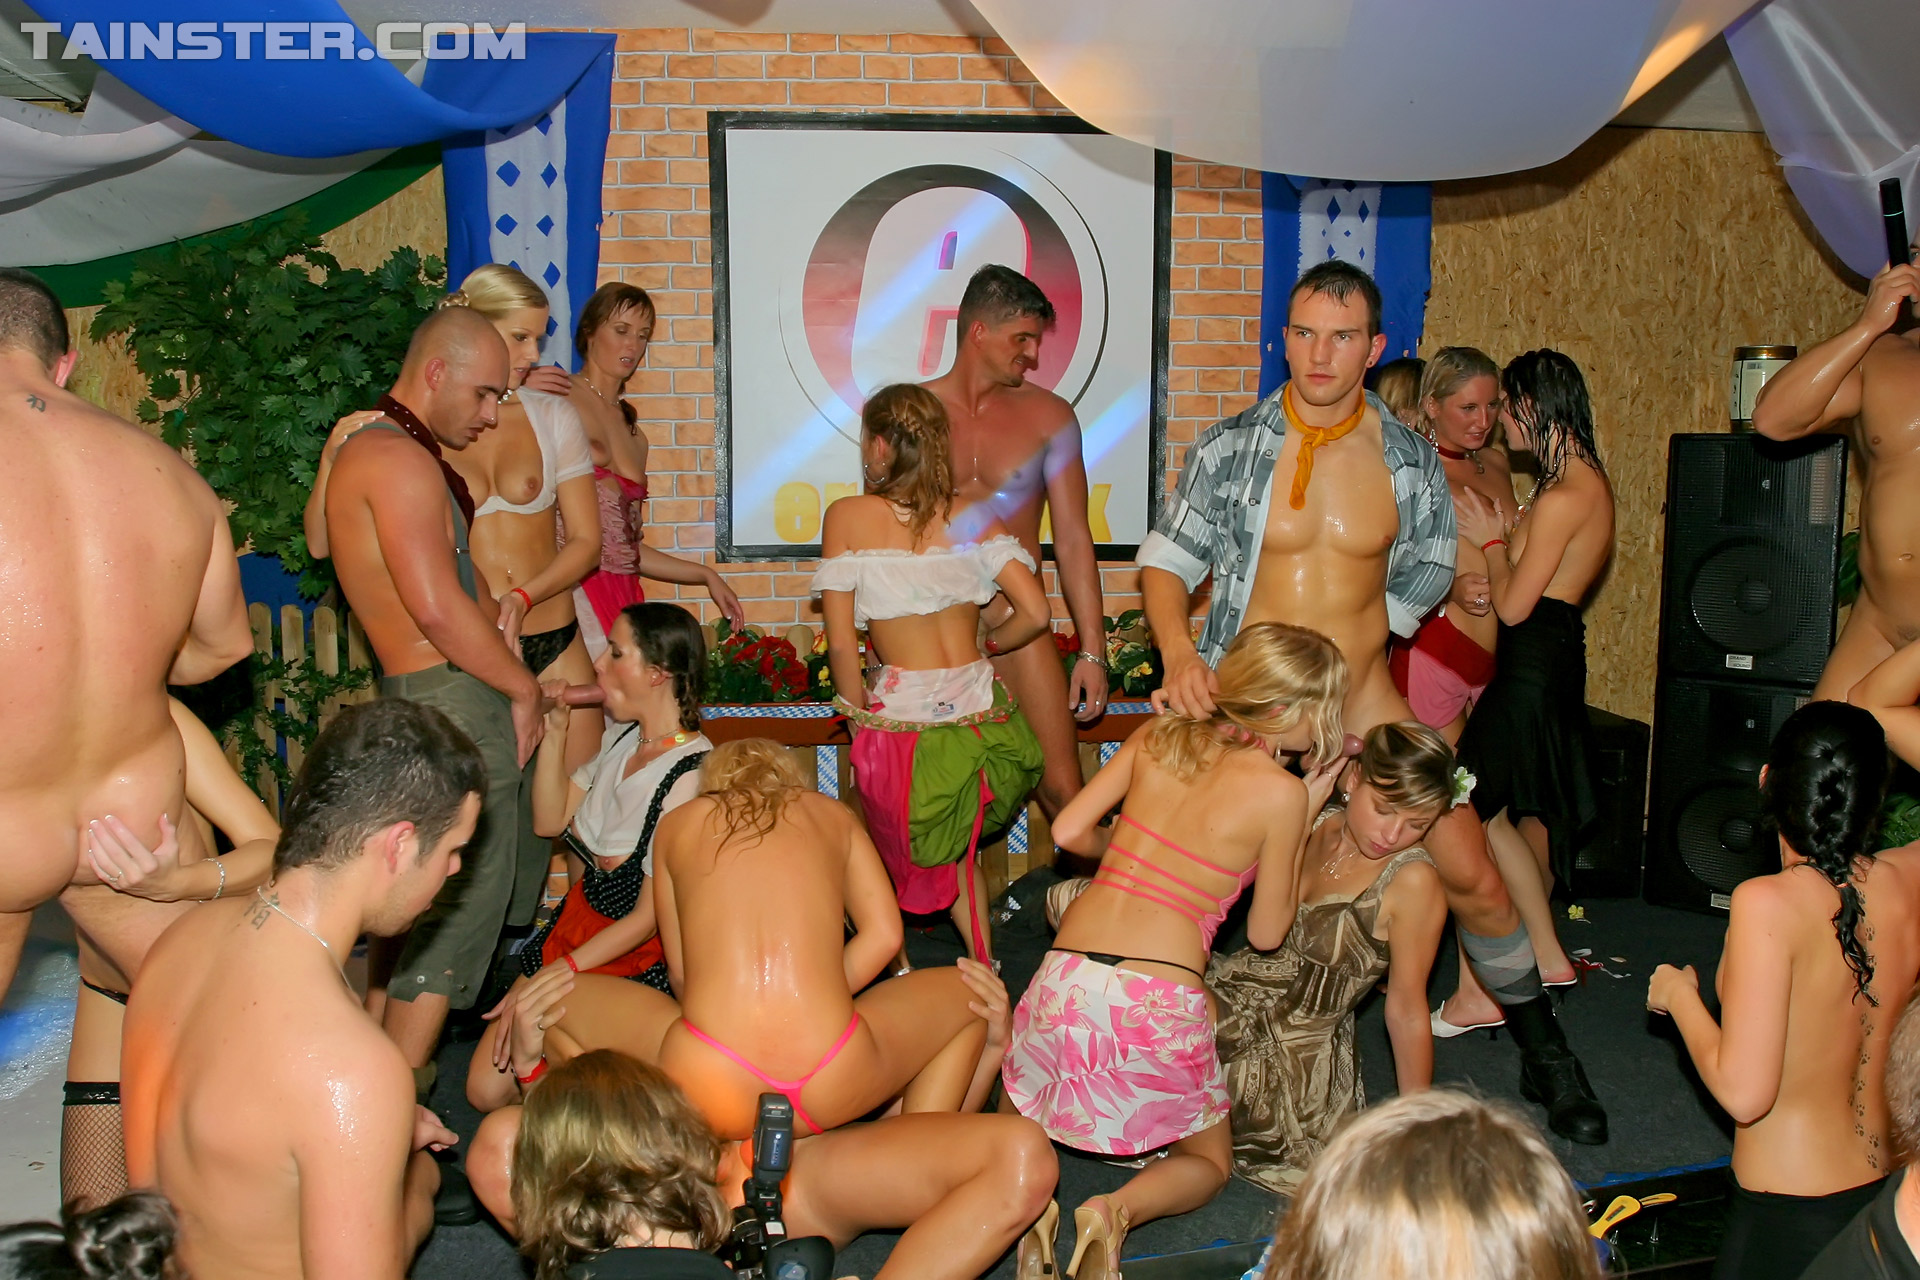 Пьяные трахаются на вечеринке, Пьяные порно, смотреть видео с пьяными девушками 8 фотография